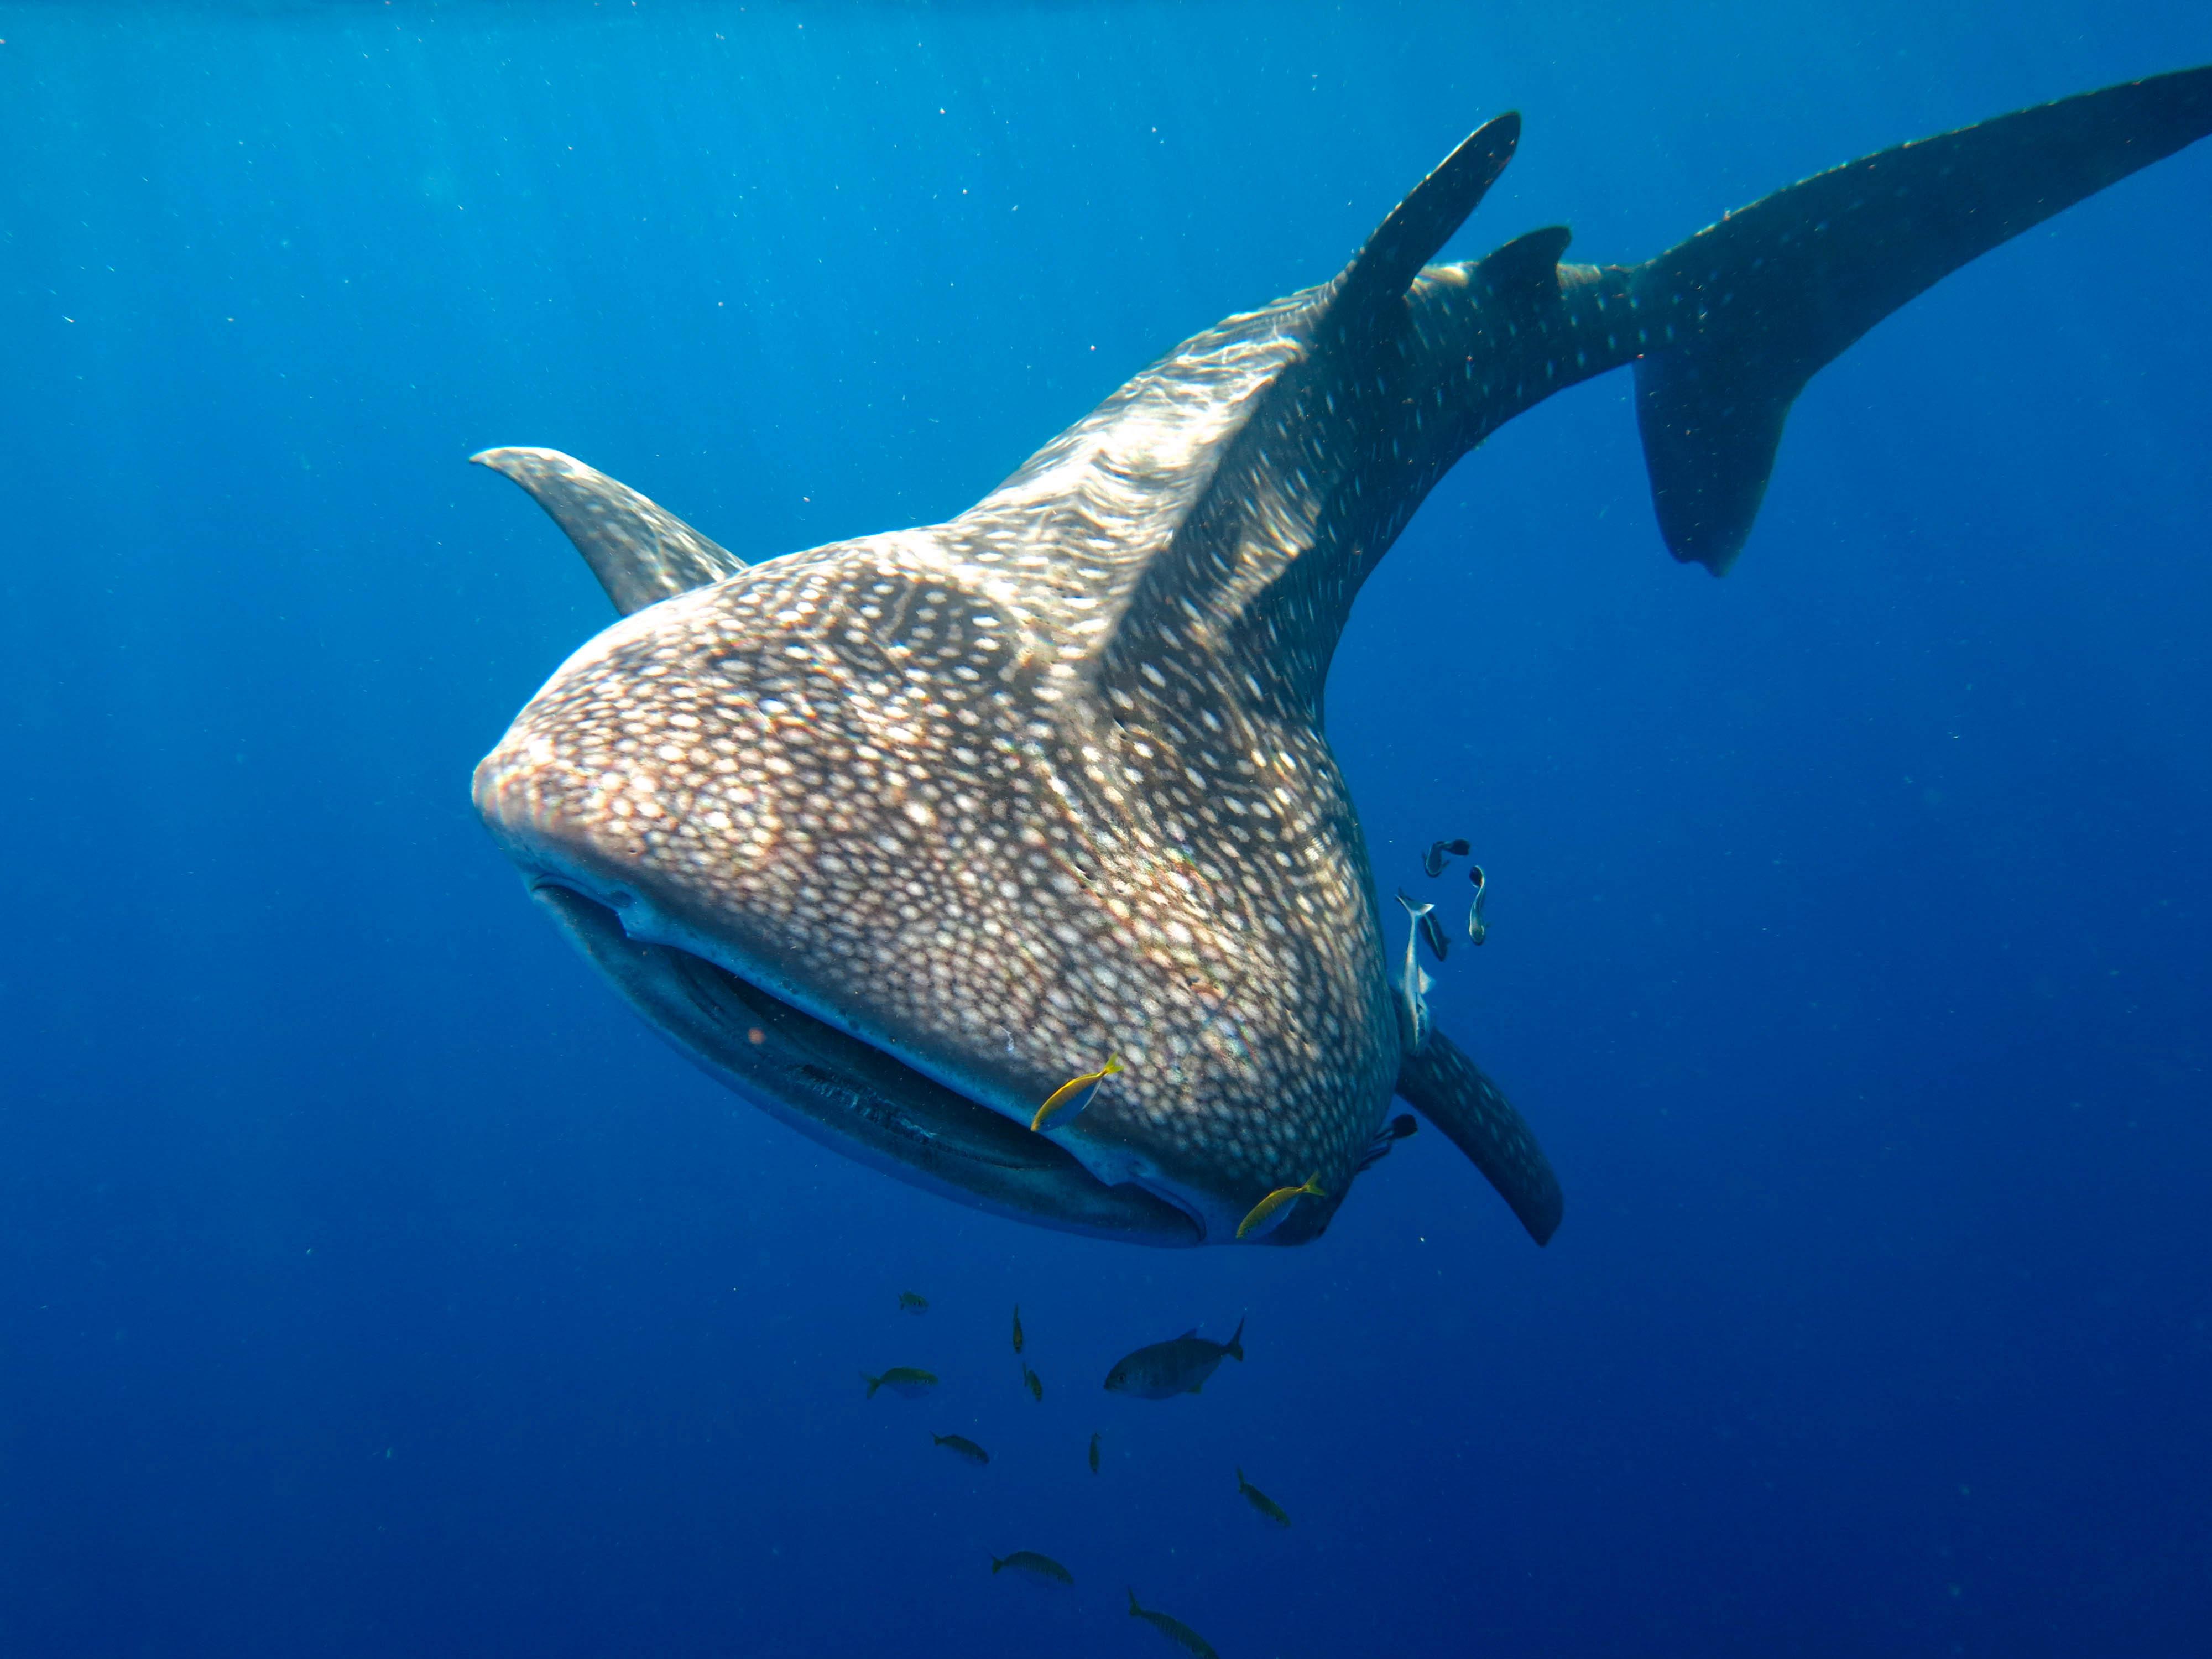 5200 Gambar Ikan Hiu Paus Gratis